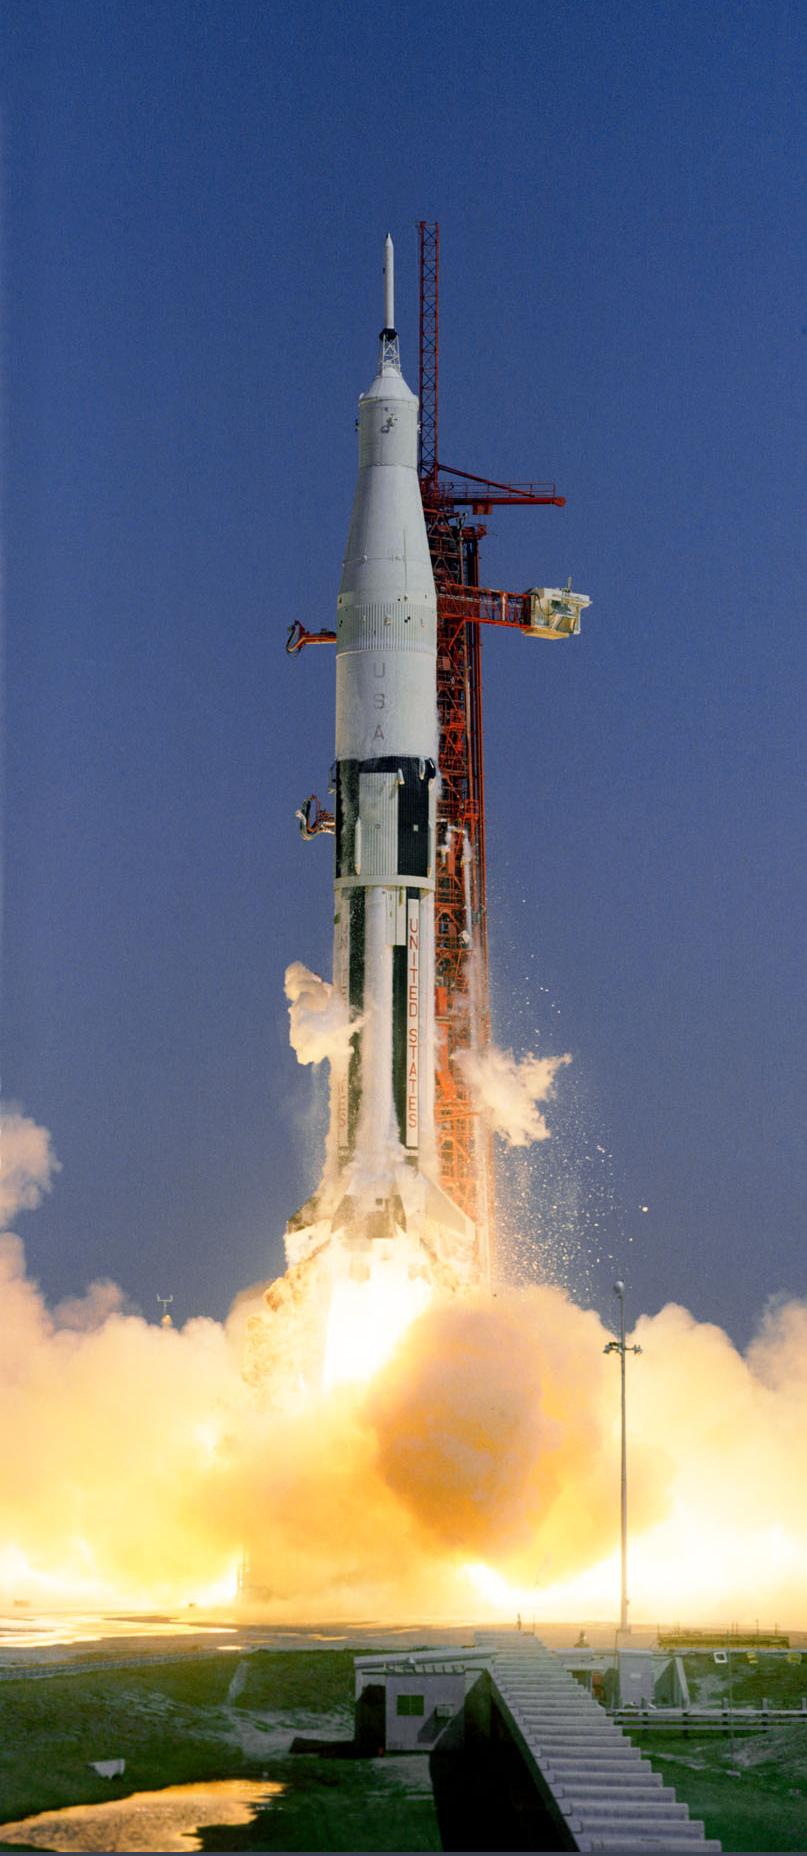 apollo launch site - photo #47